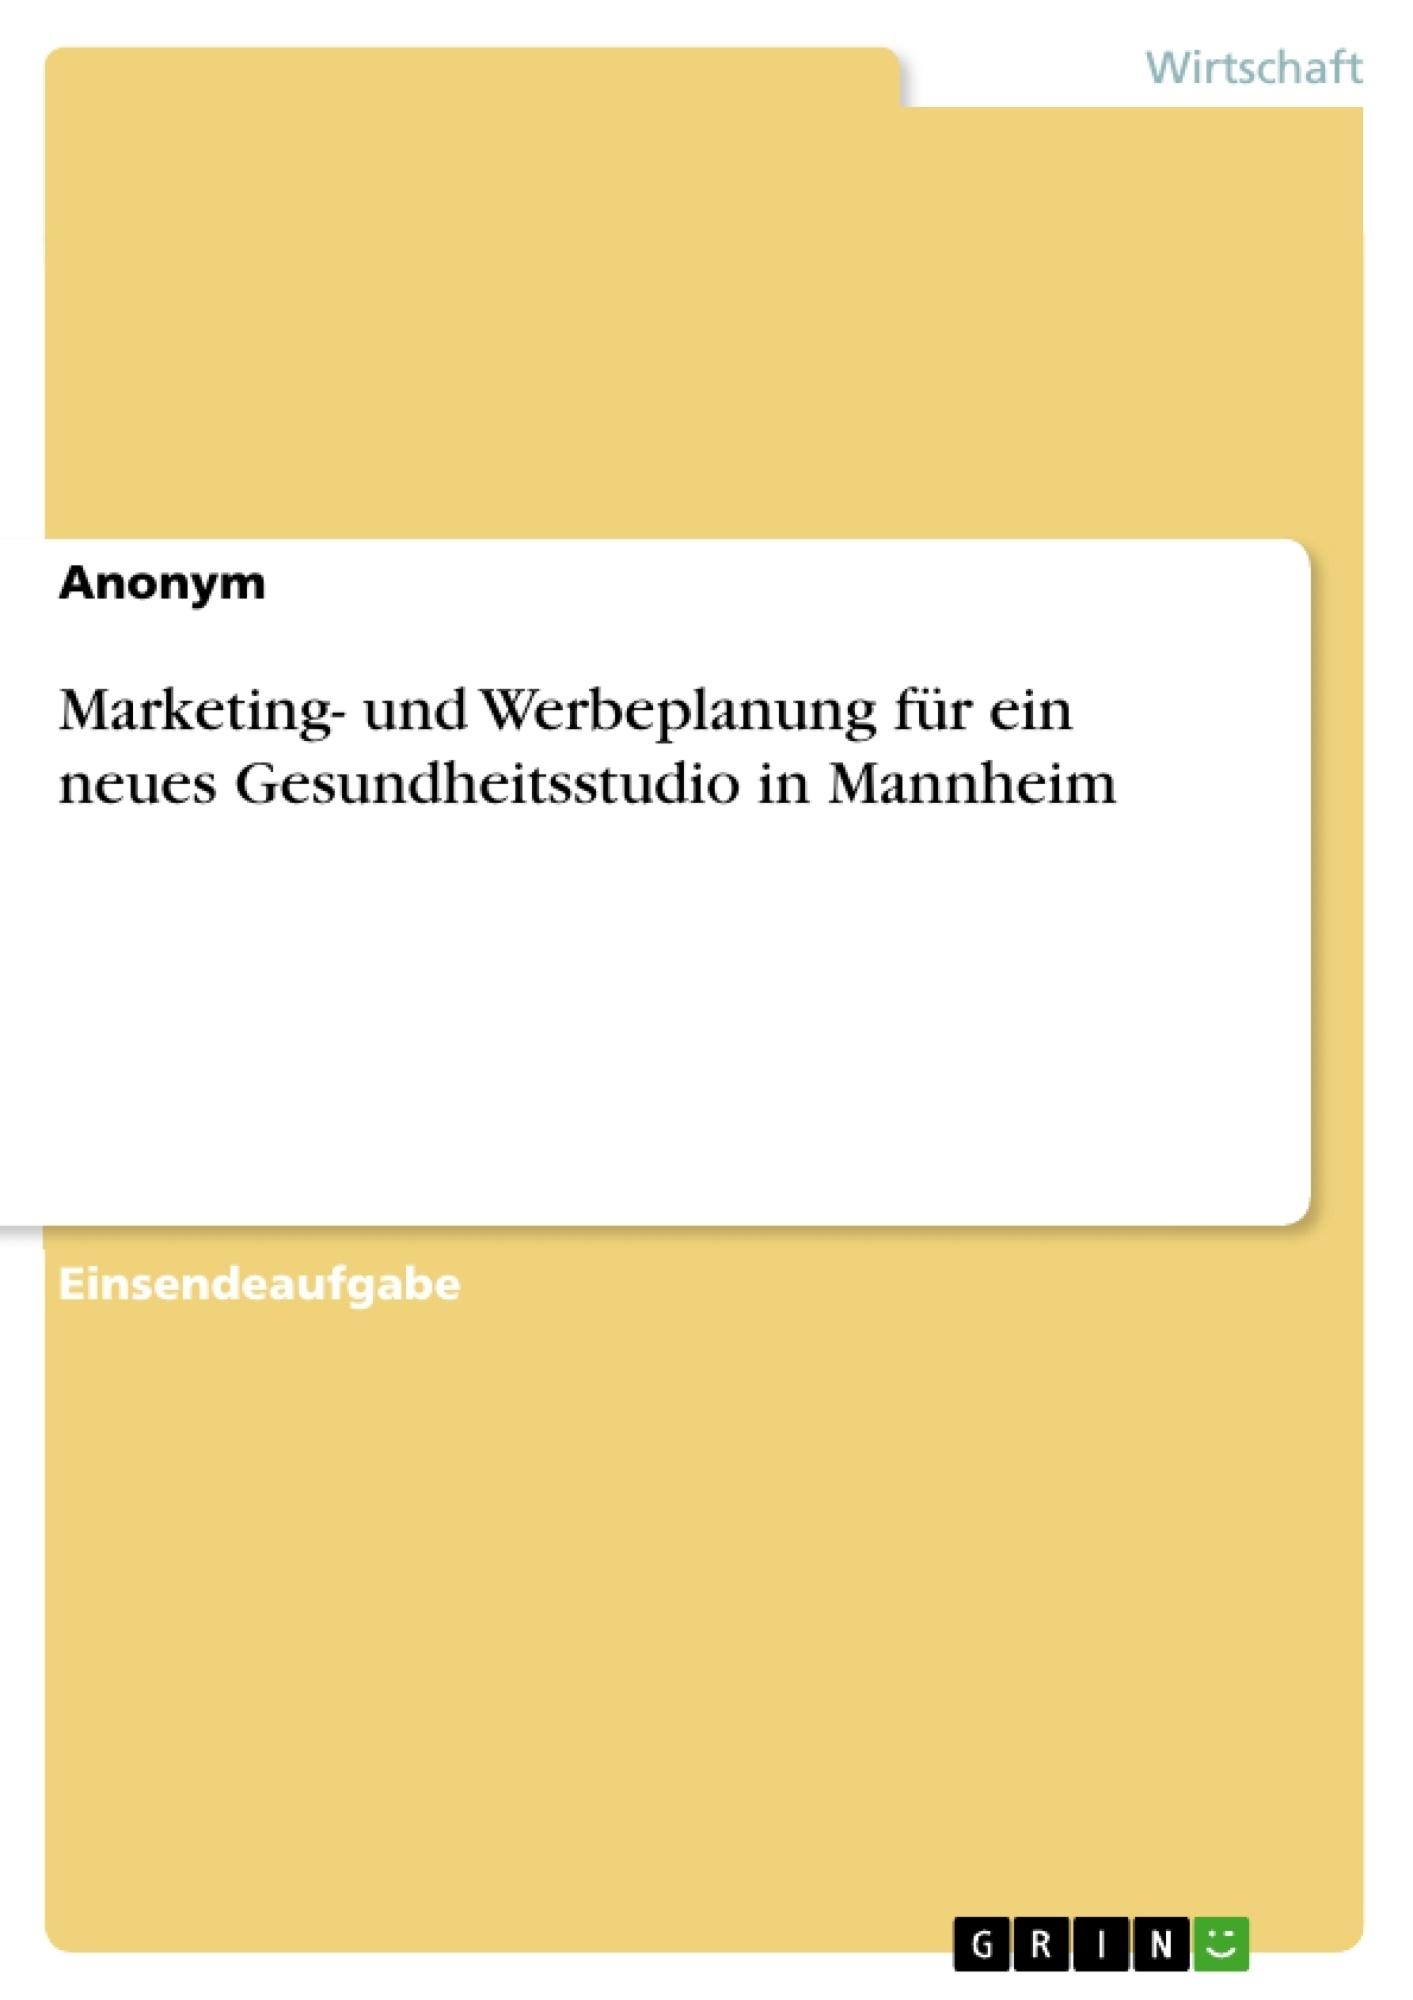 Titel: Marketing- und Werbeplanung für ein neues Gesundheitsstudio in Mannheim